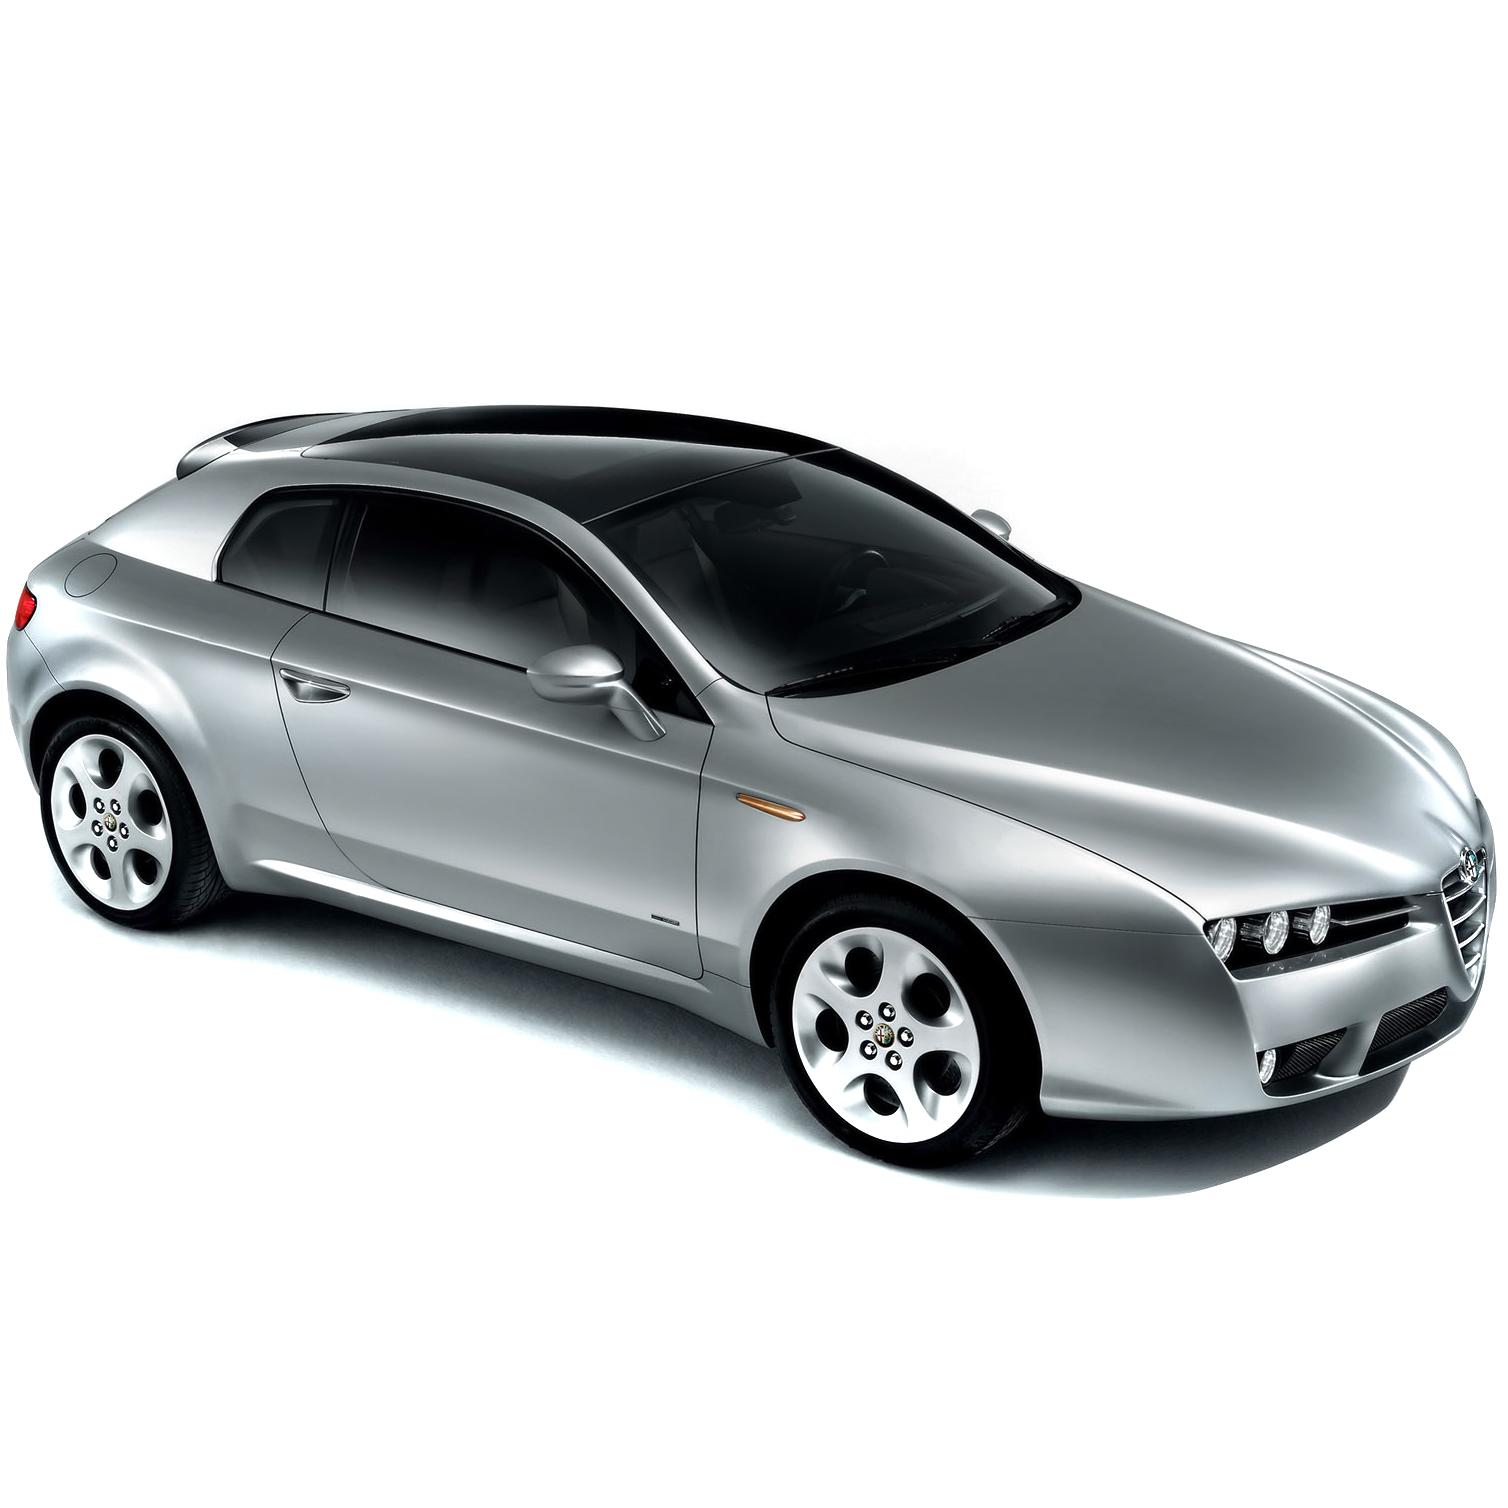 Alfa Romeo Brera Coupe 2006 - 2010